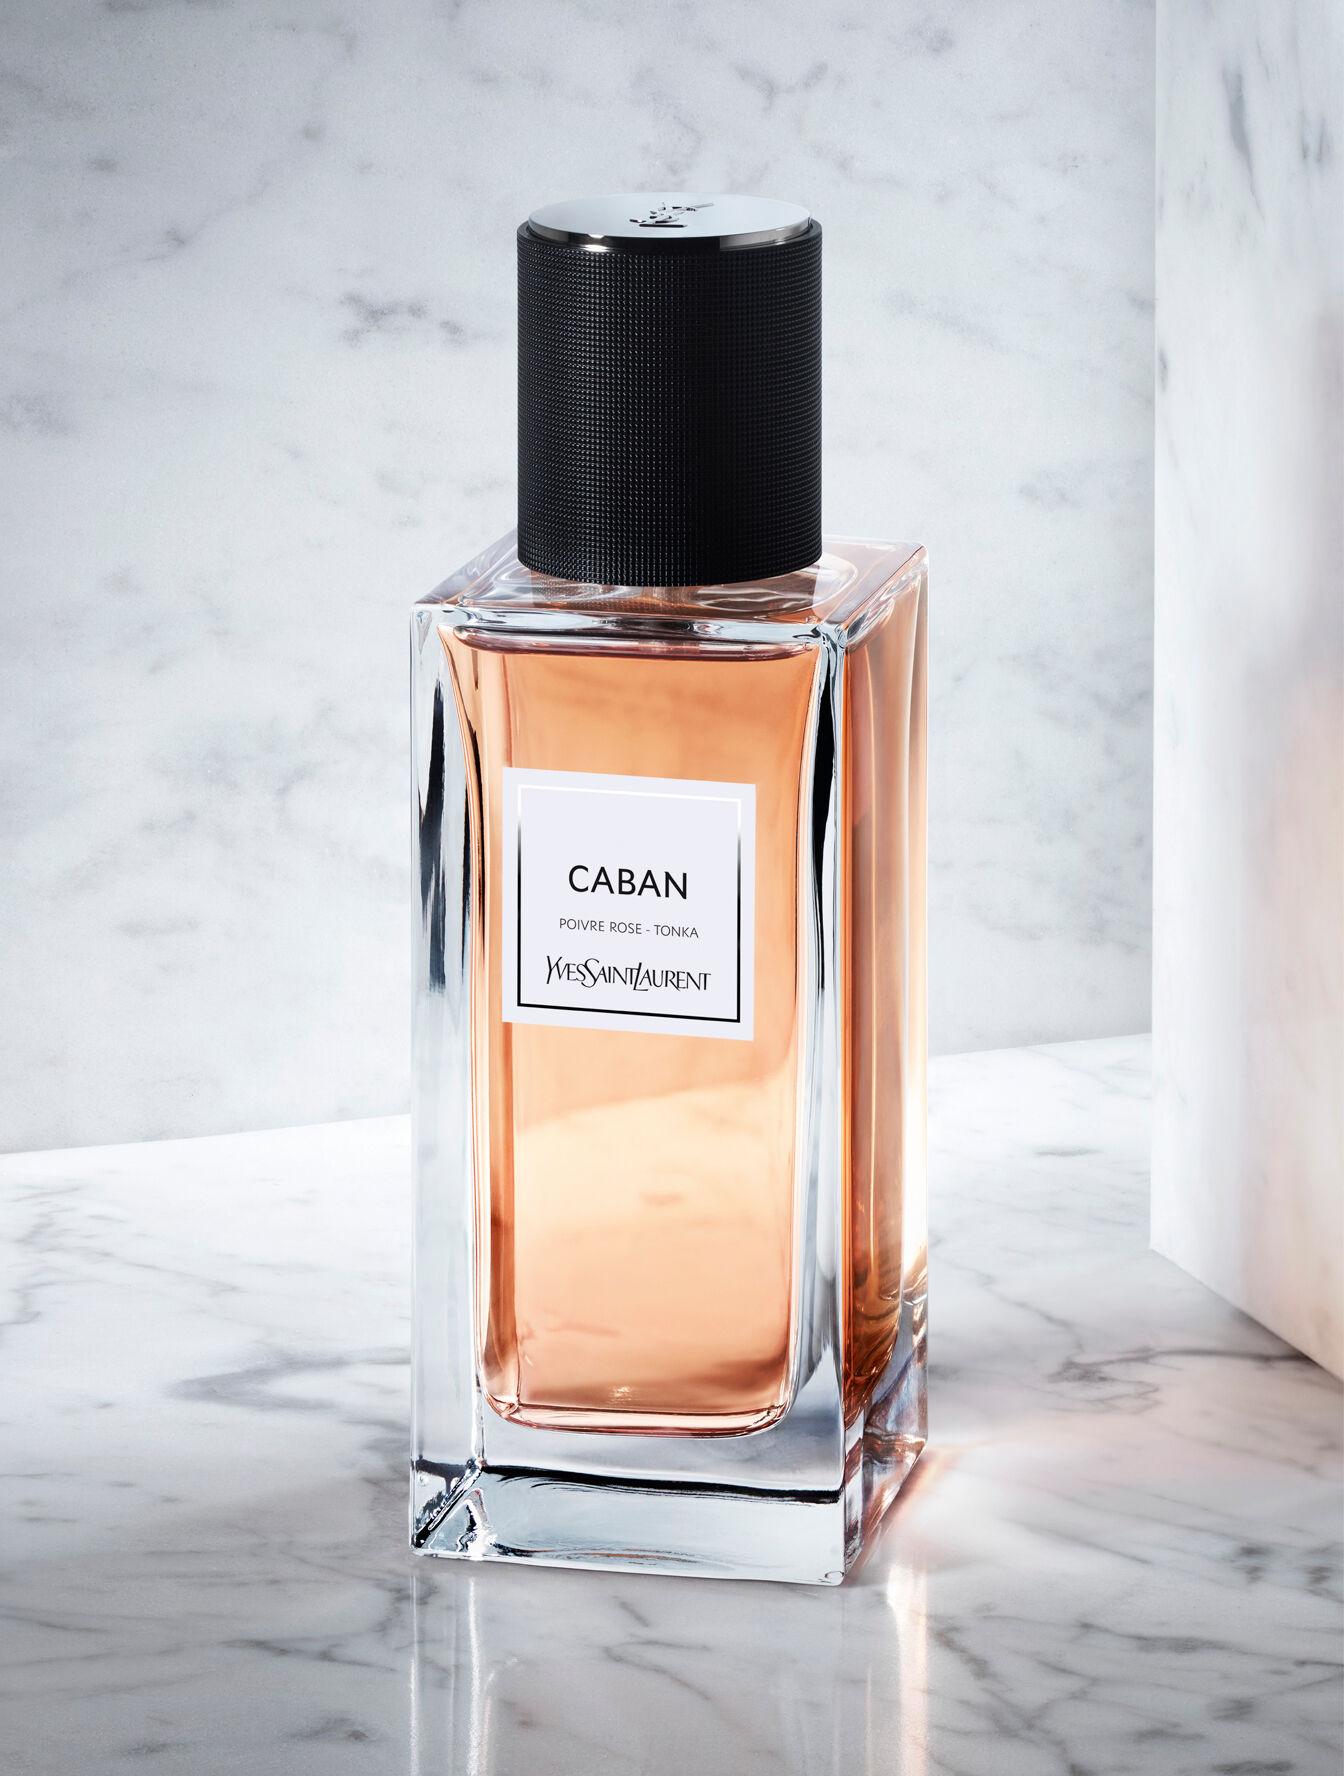 Des Le Le Des Vestiaire Parfums Caban Caban Vestiaire Rj35c4ALq